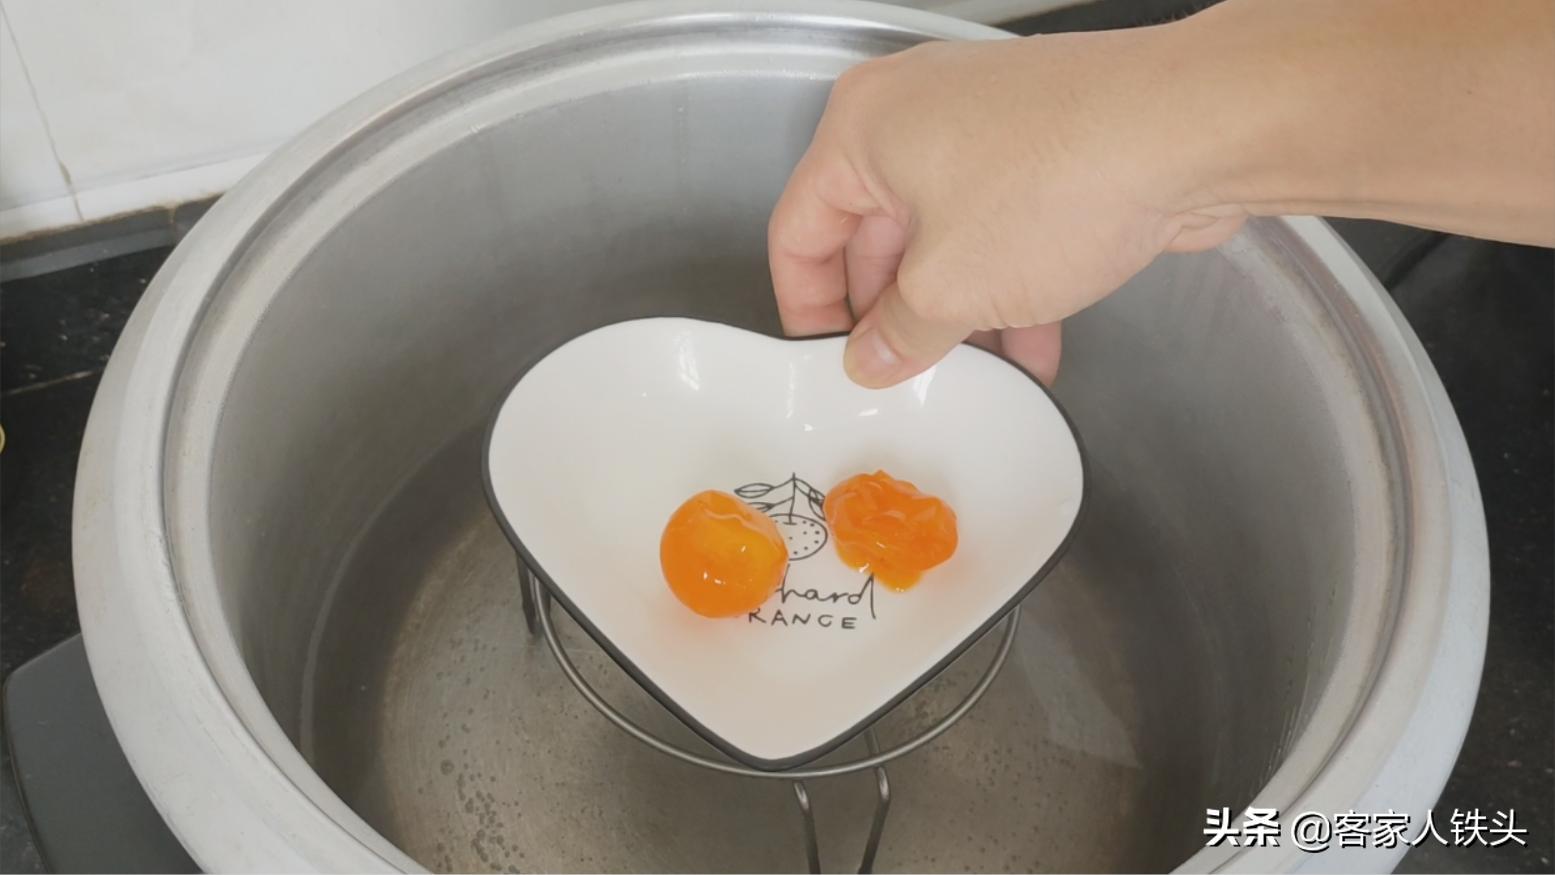 廣東人愛吃的蝦卷菌鮮上湯,8只鮮蝦做一鍋,香濃味美營養又好吃